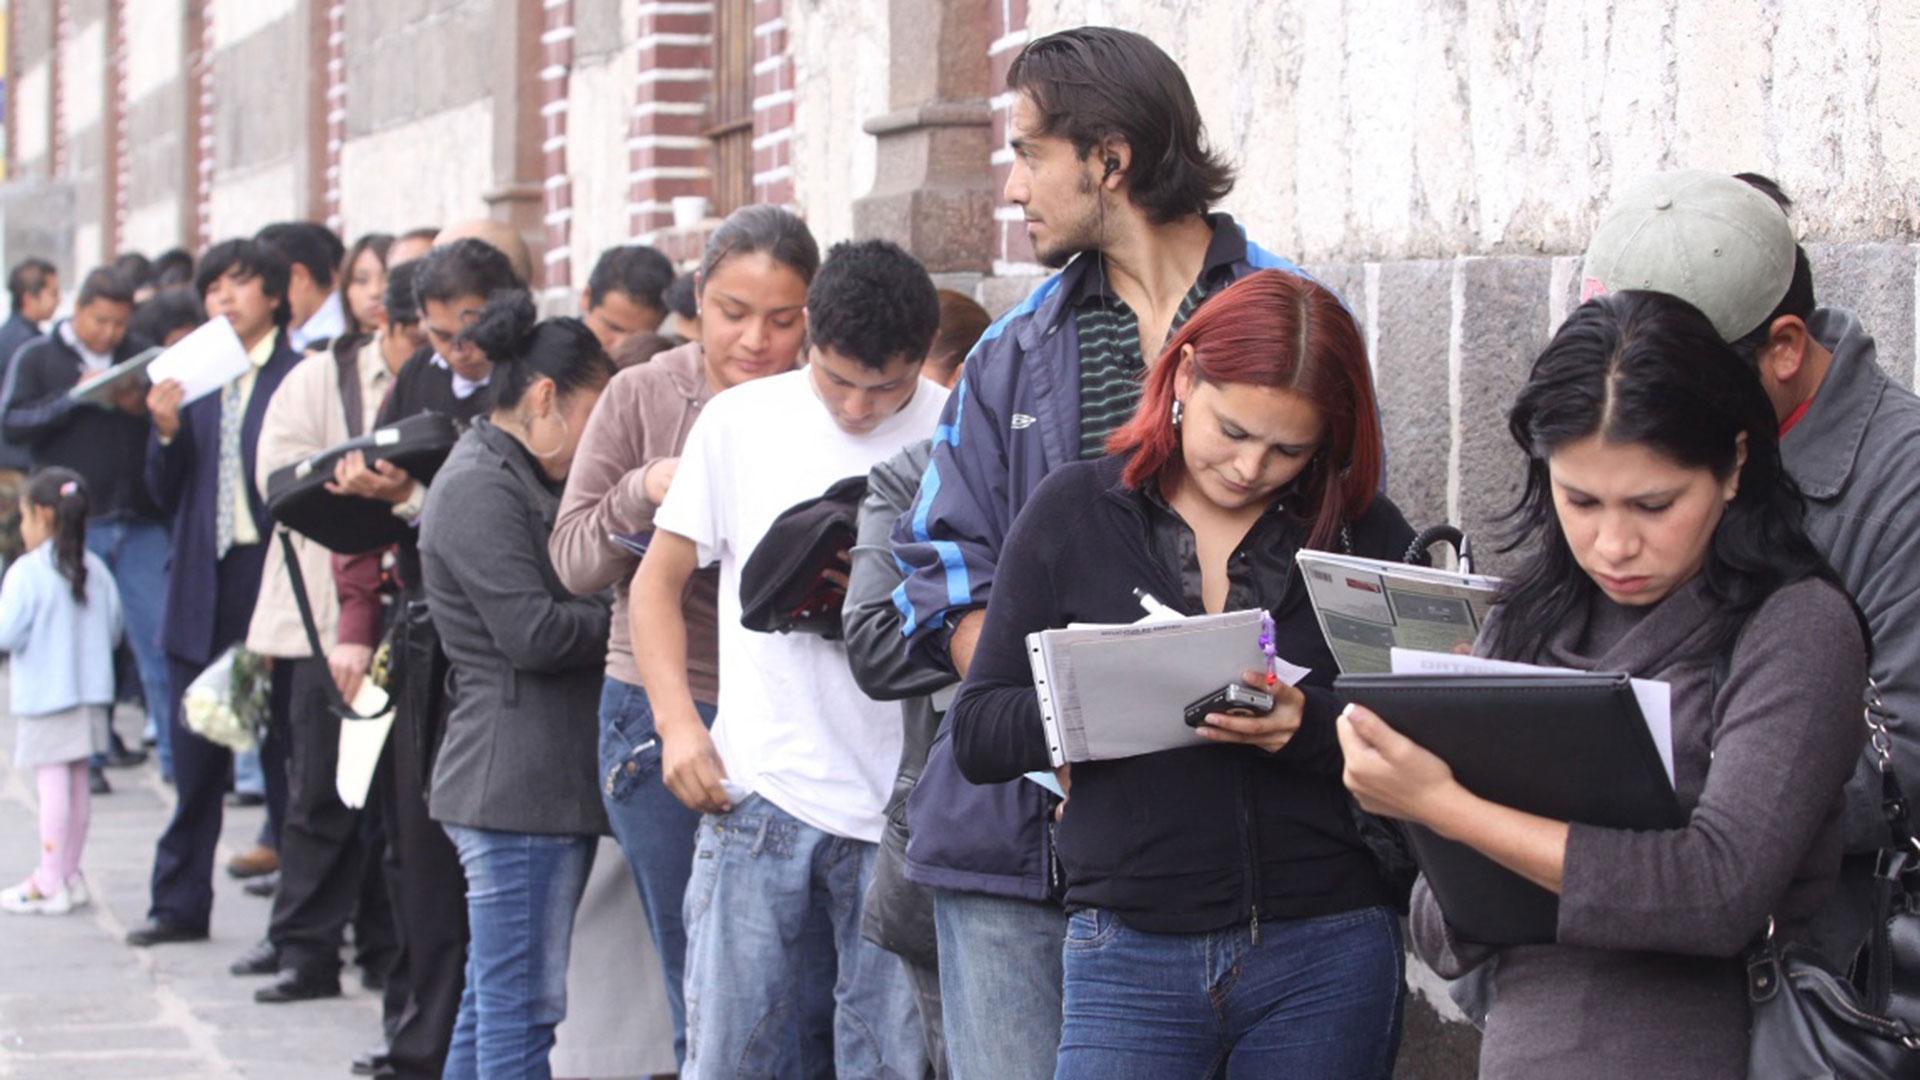 El desempleo en Rosario llega a casi el 14%